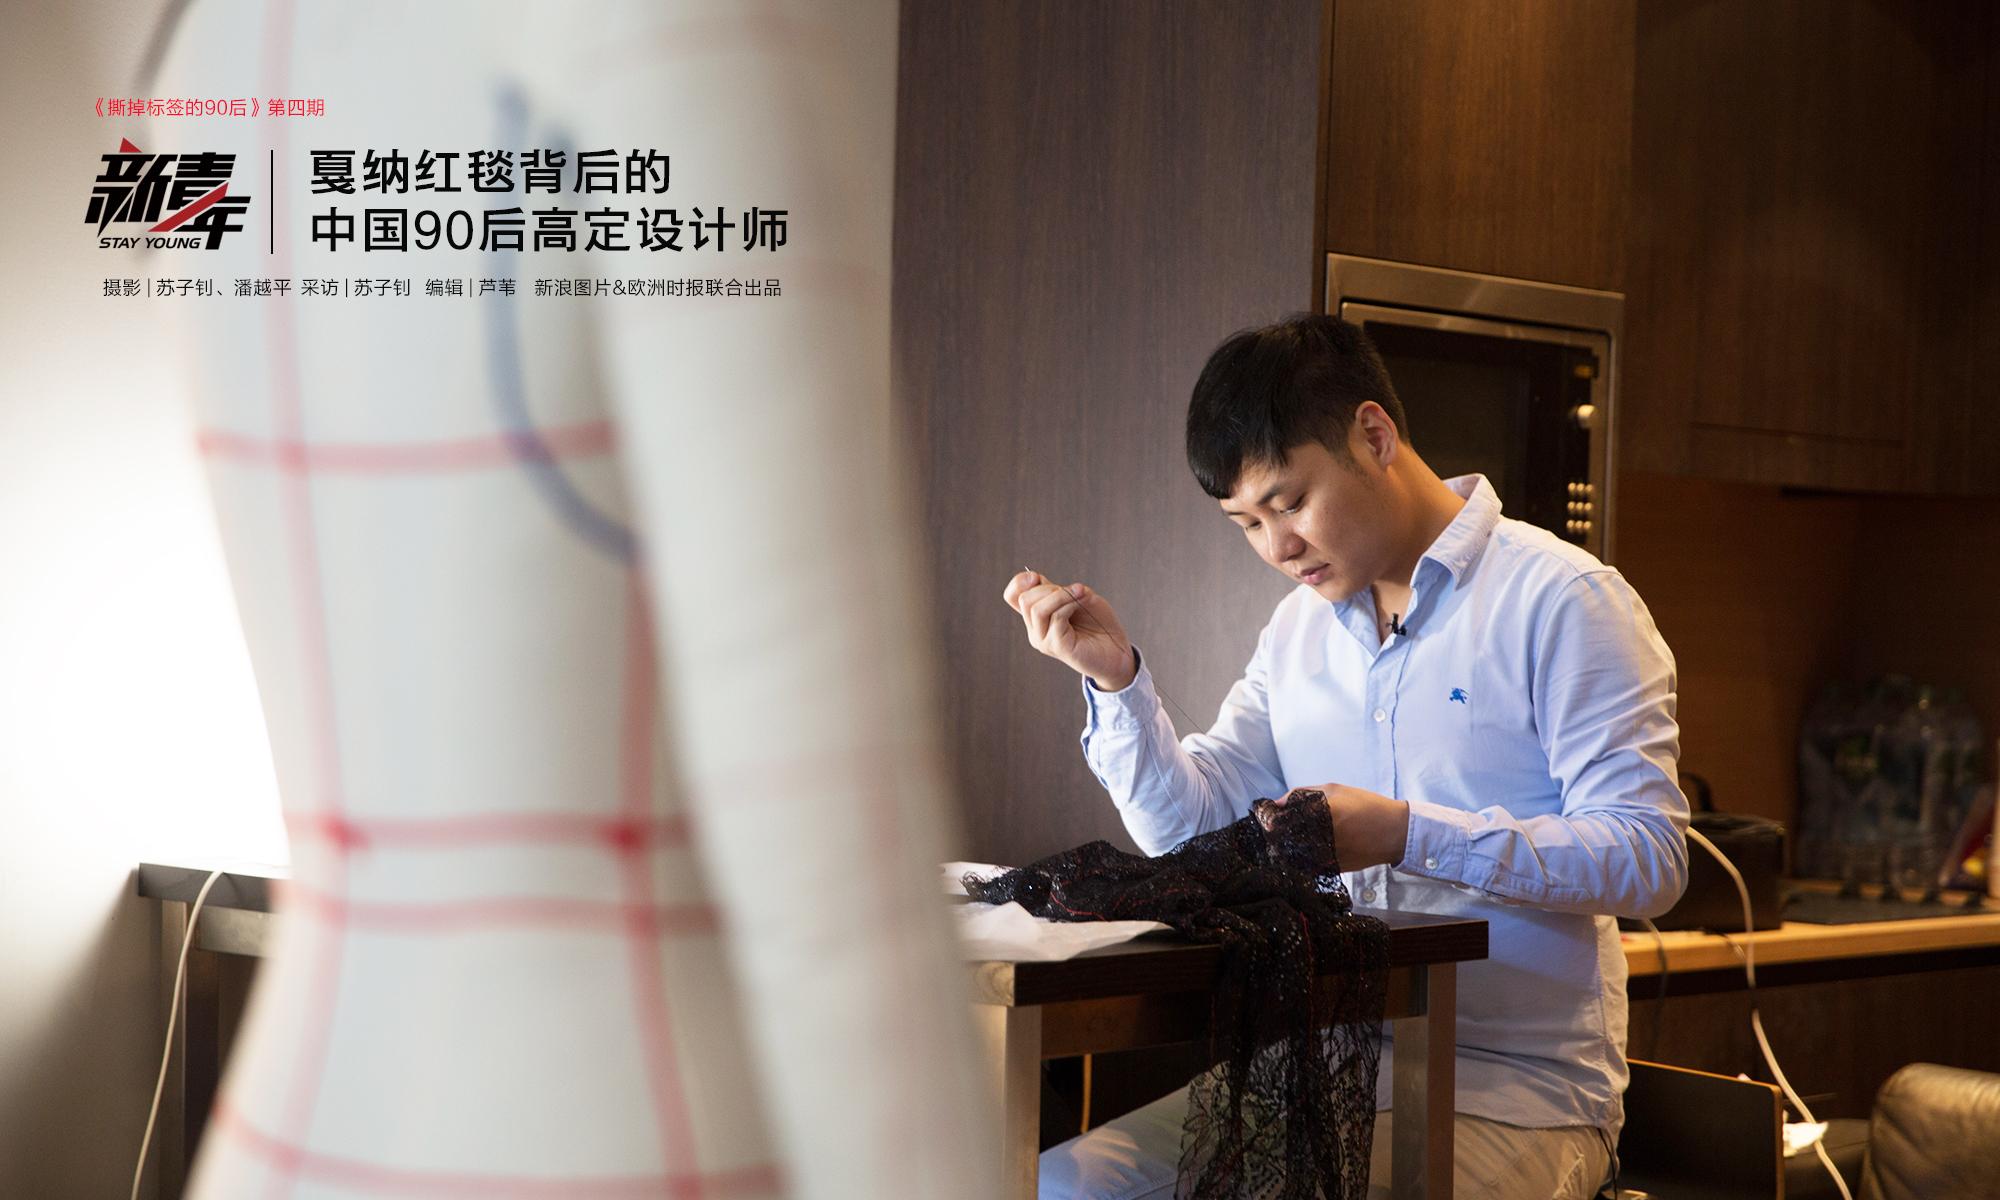 【51牛游戏币】组图:张国荣唐鹤德陈淑芬30年前旧照曝光 哥哥面露青涩笑容纯真